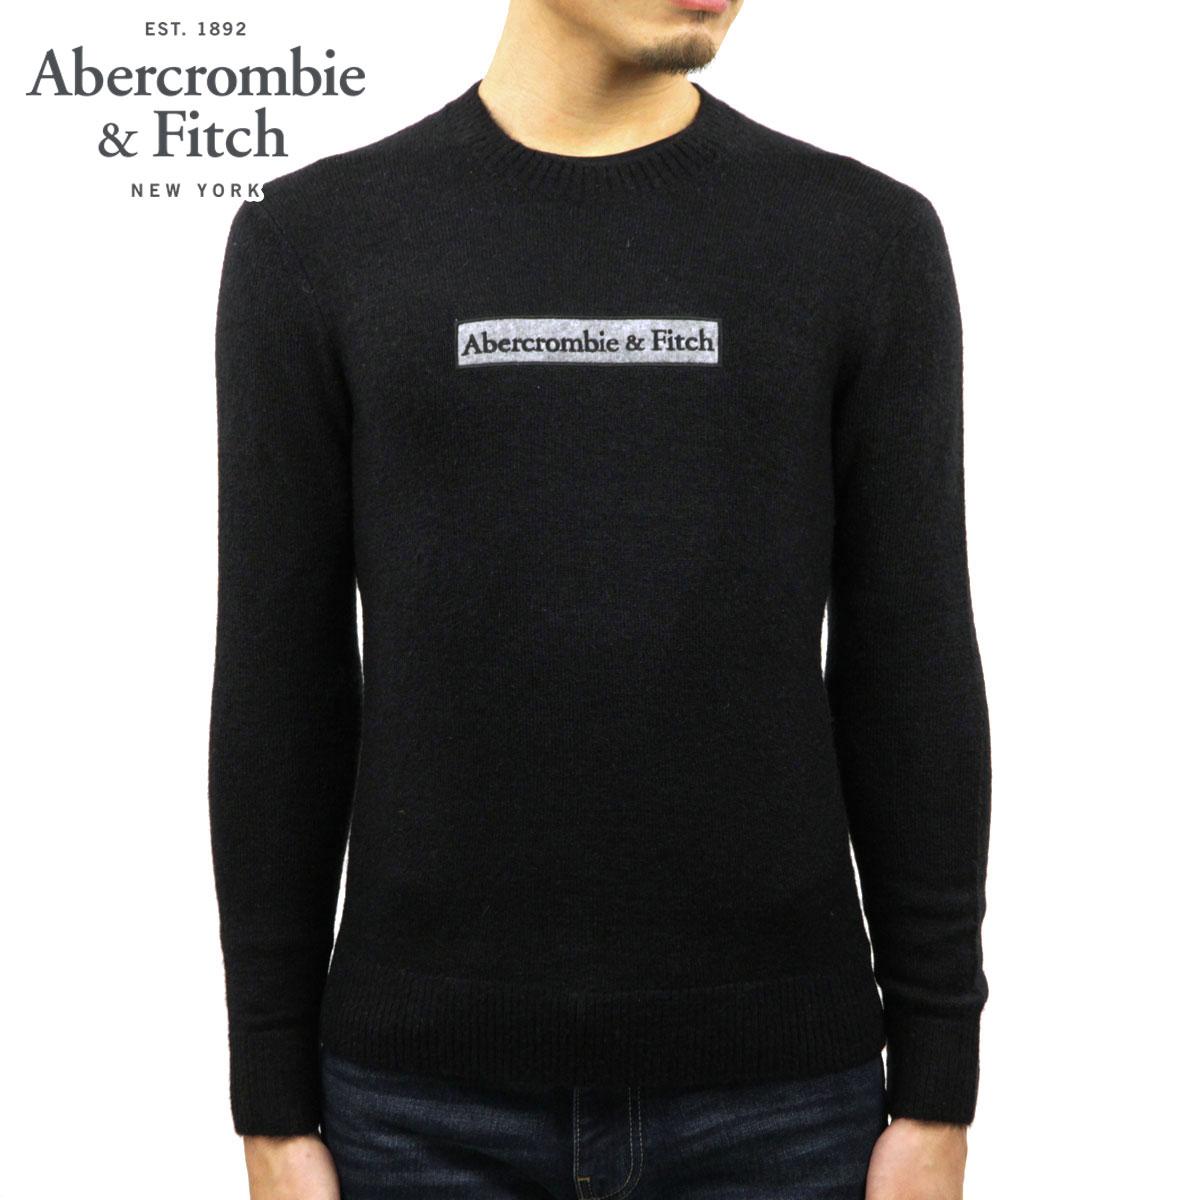 アバクロ セーター メンズ 正規品 Abercrombie&Fitch クルーネックセーター ロゴ LOGO SWEATER 120-201-1662-900 A02B B1C C1D D7E E13F